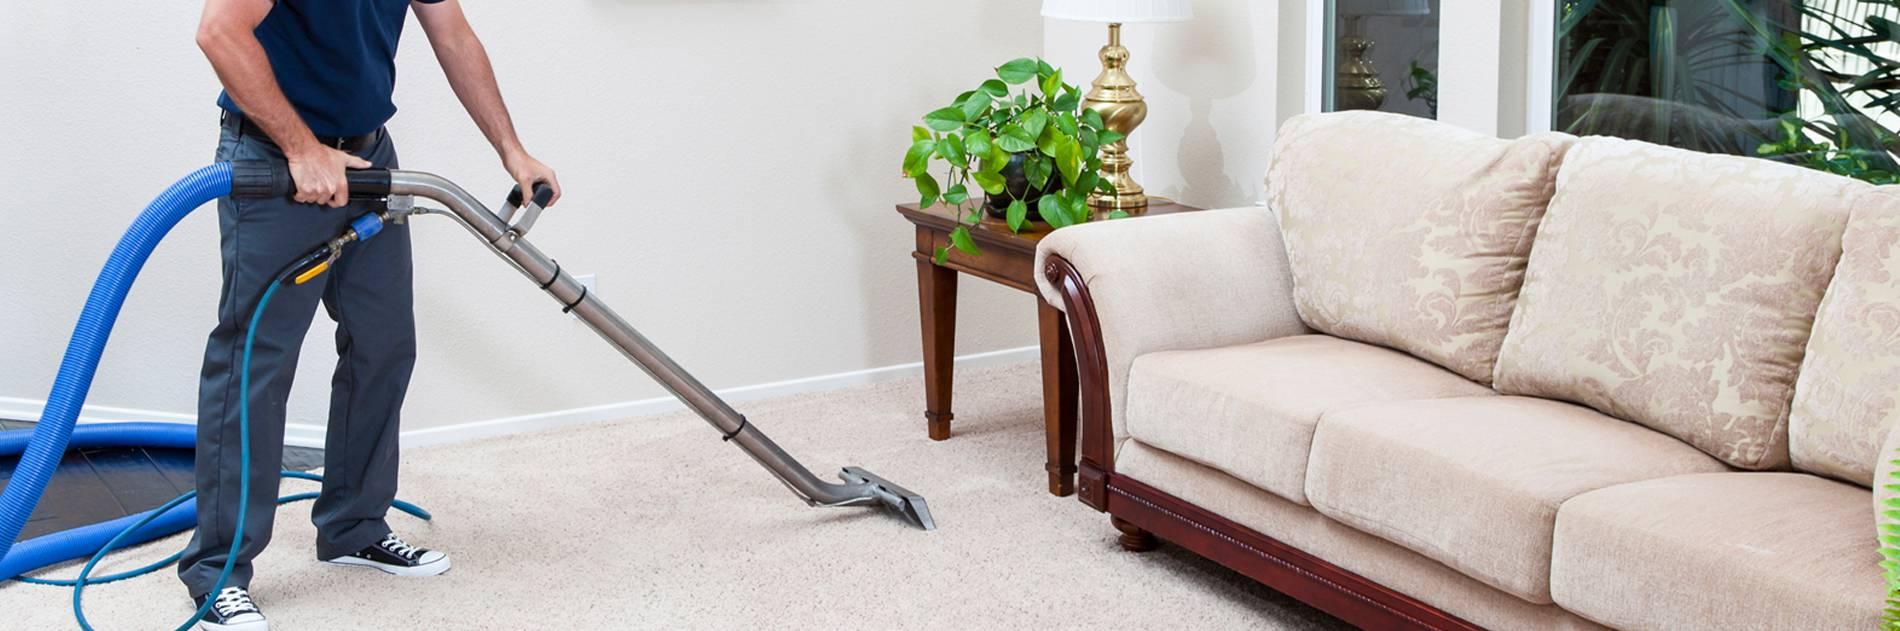 evinizi temiz tutmanın püf noktaları toz alın